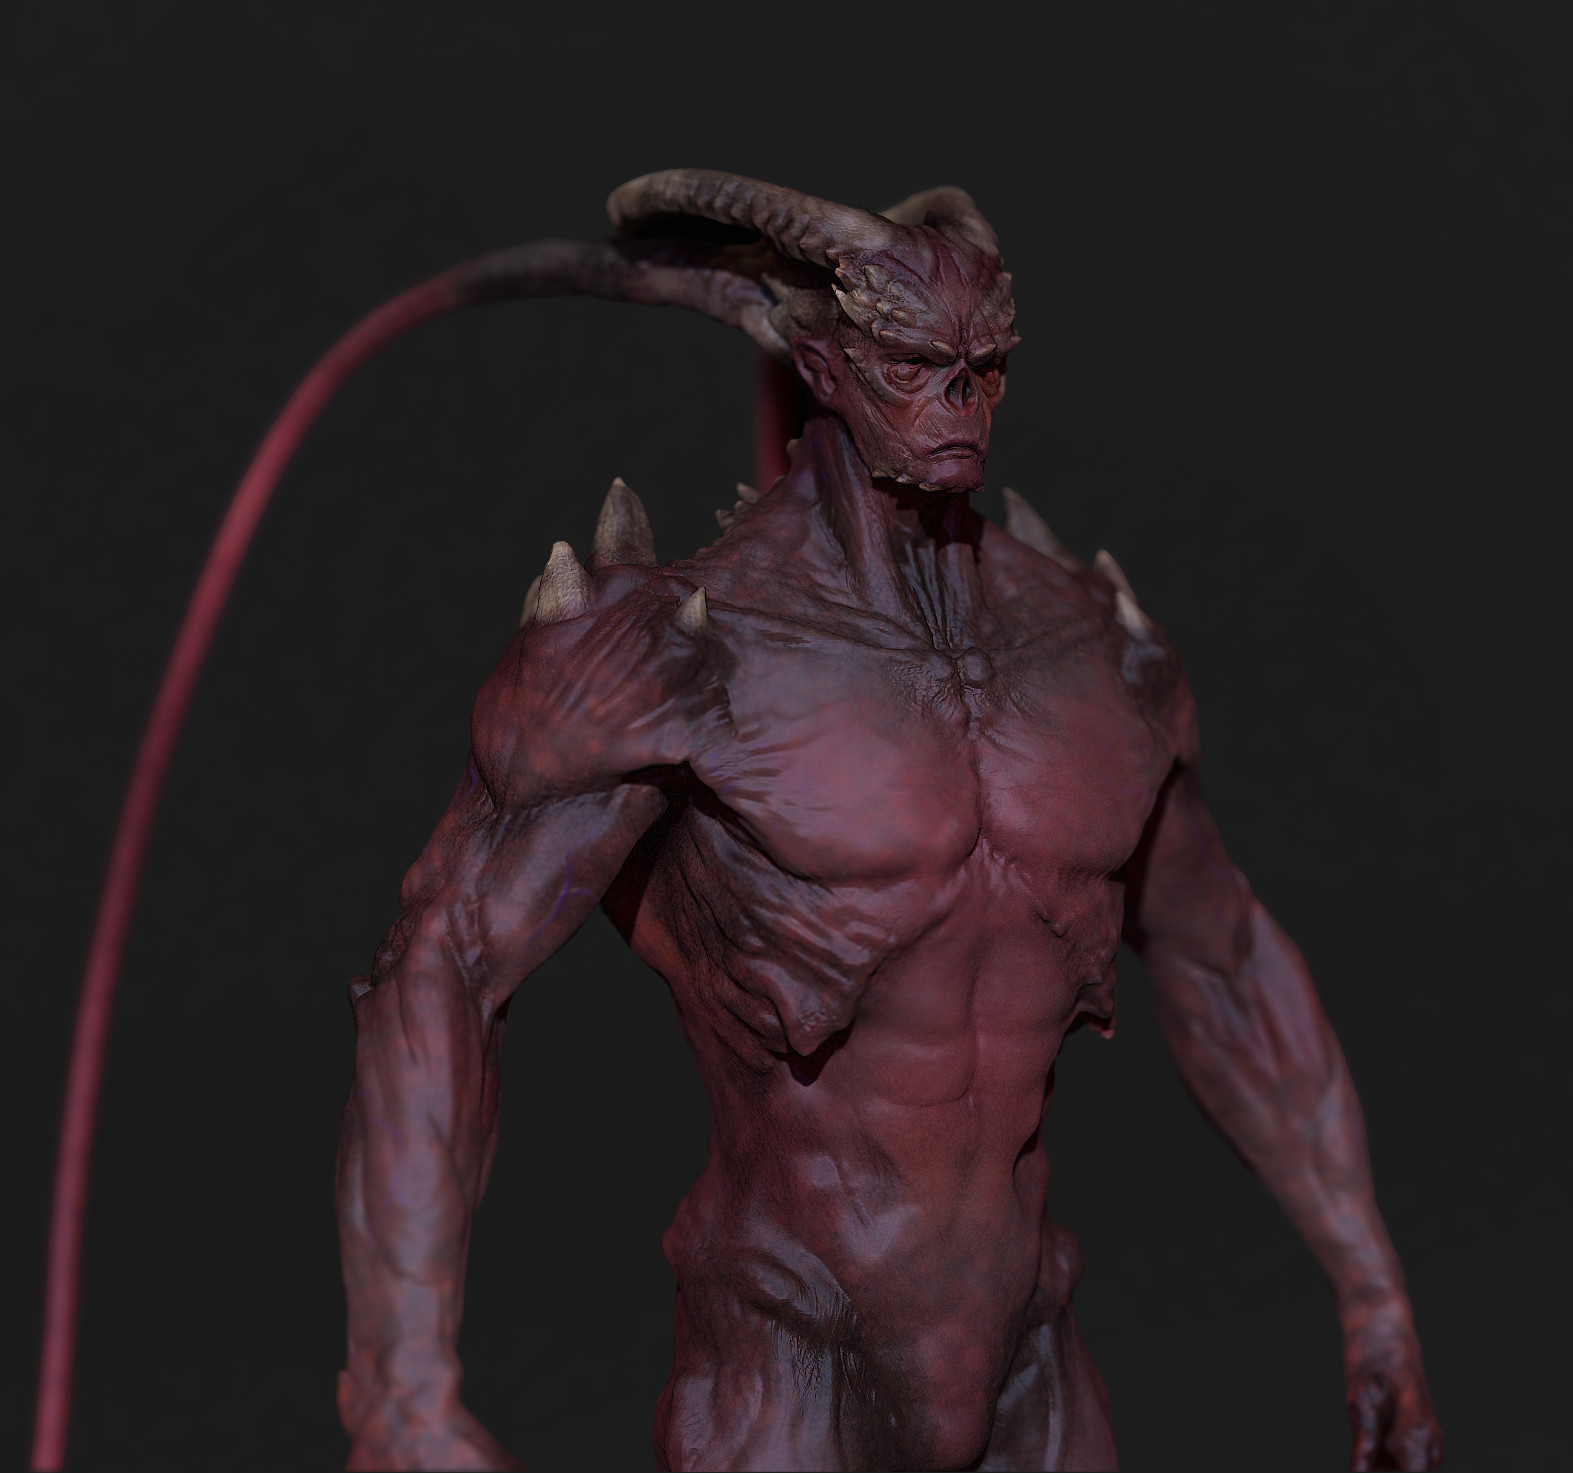 Brent minehan demon render